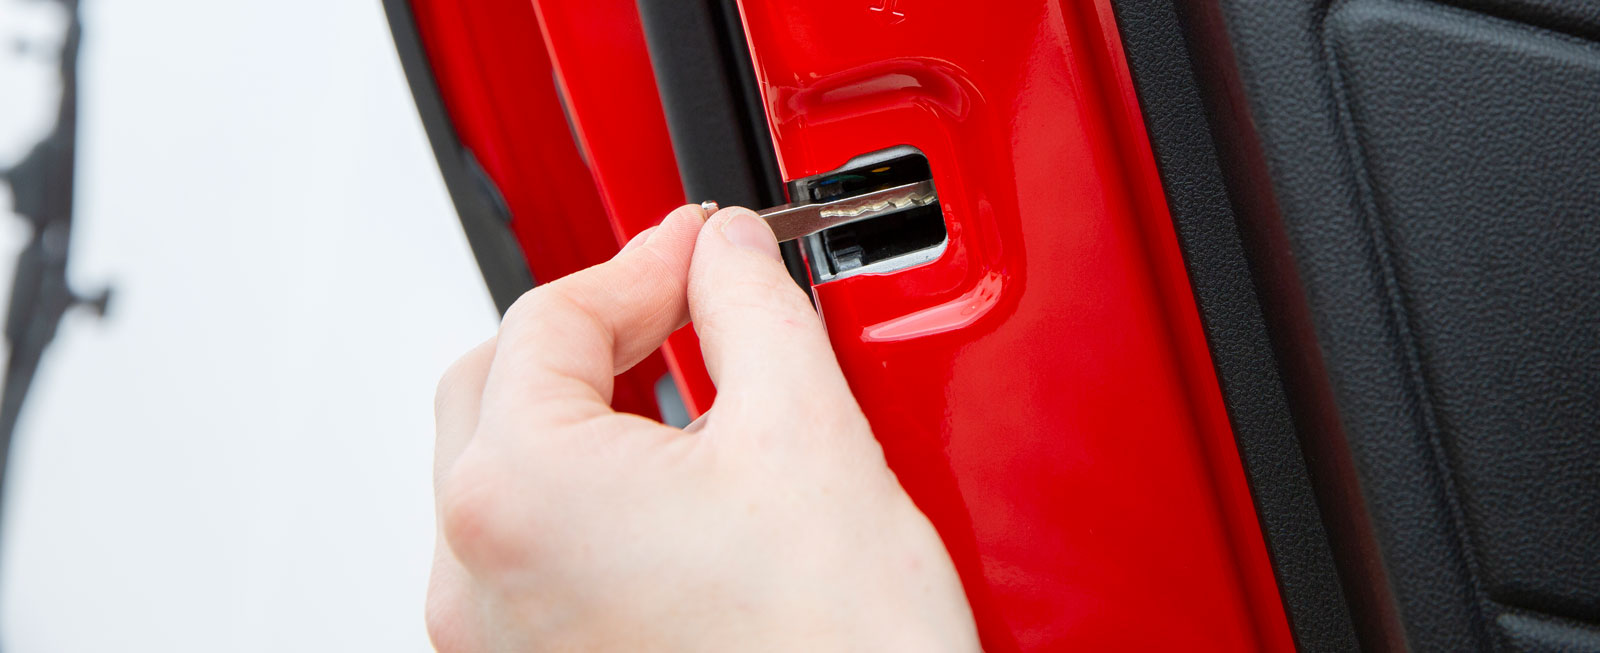 Pilliga barnlås hos Ford. Nyckeln måste tas isär. Elektriska är tillval.